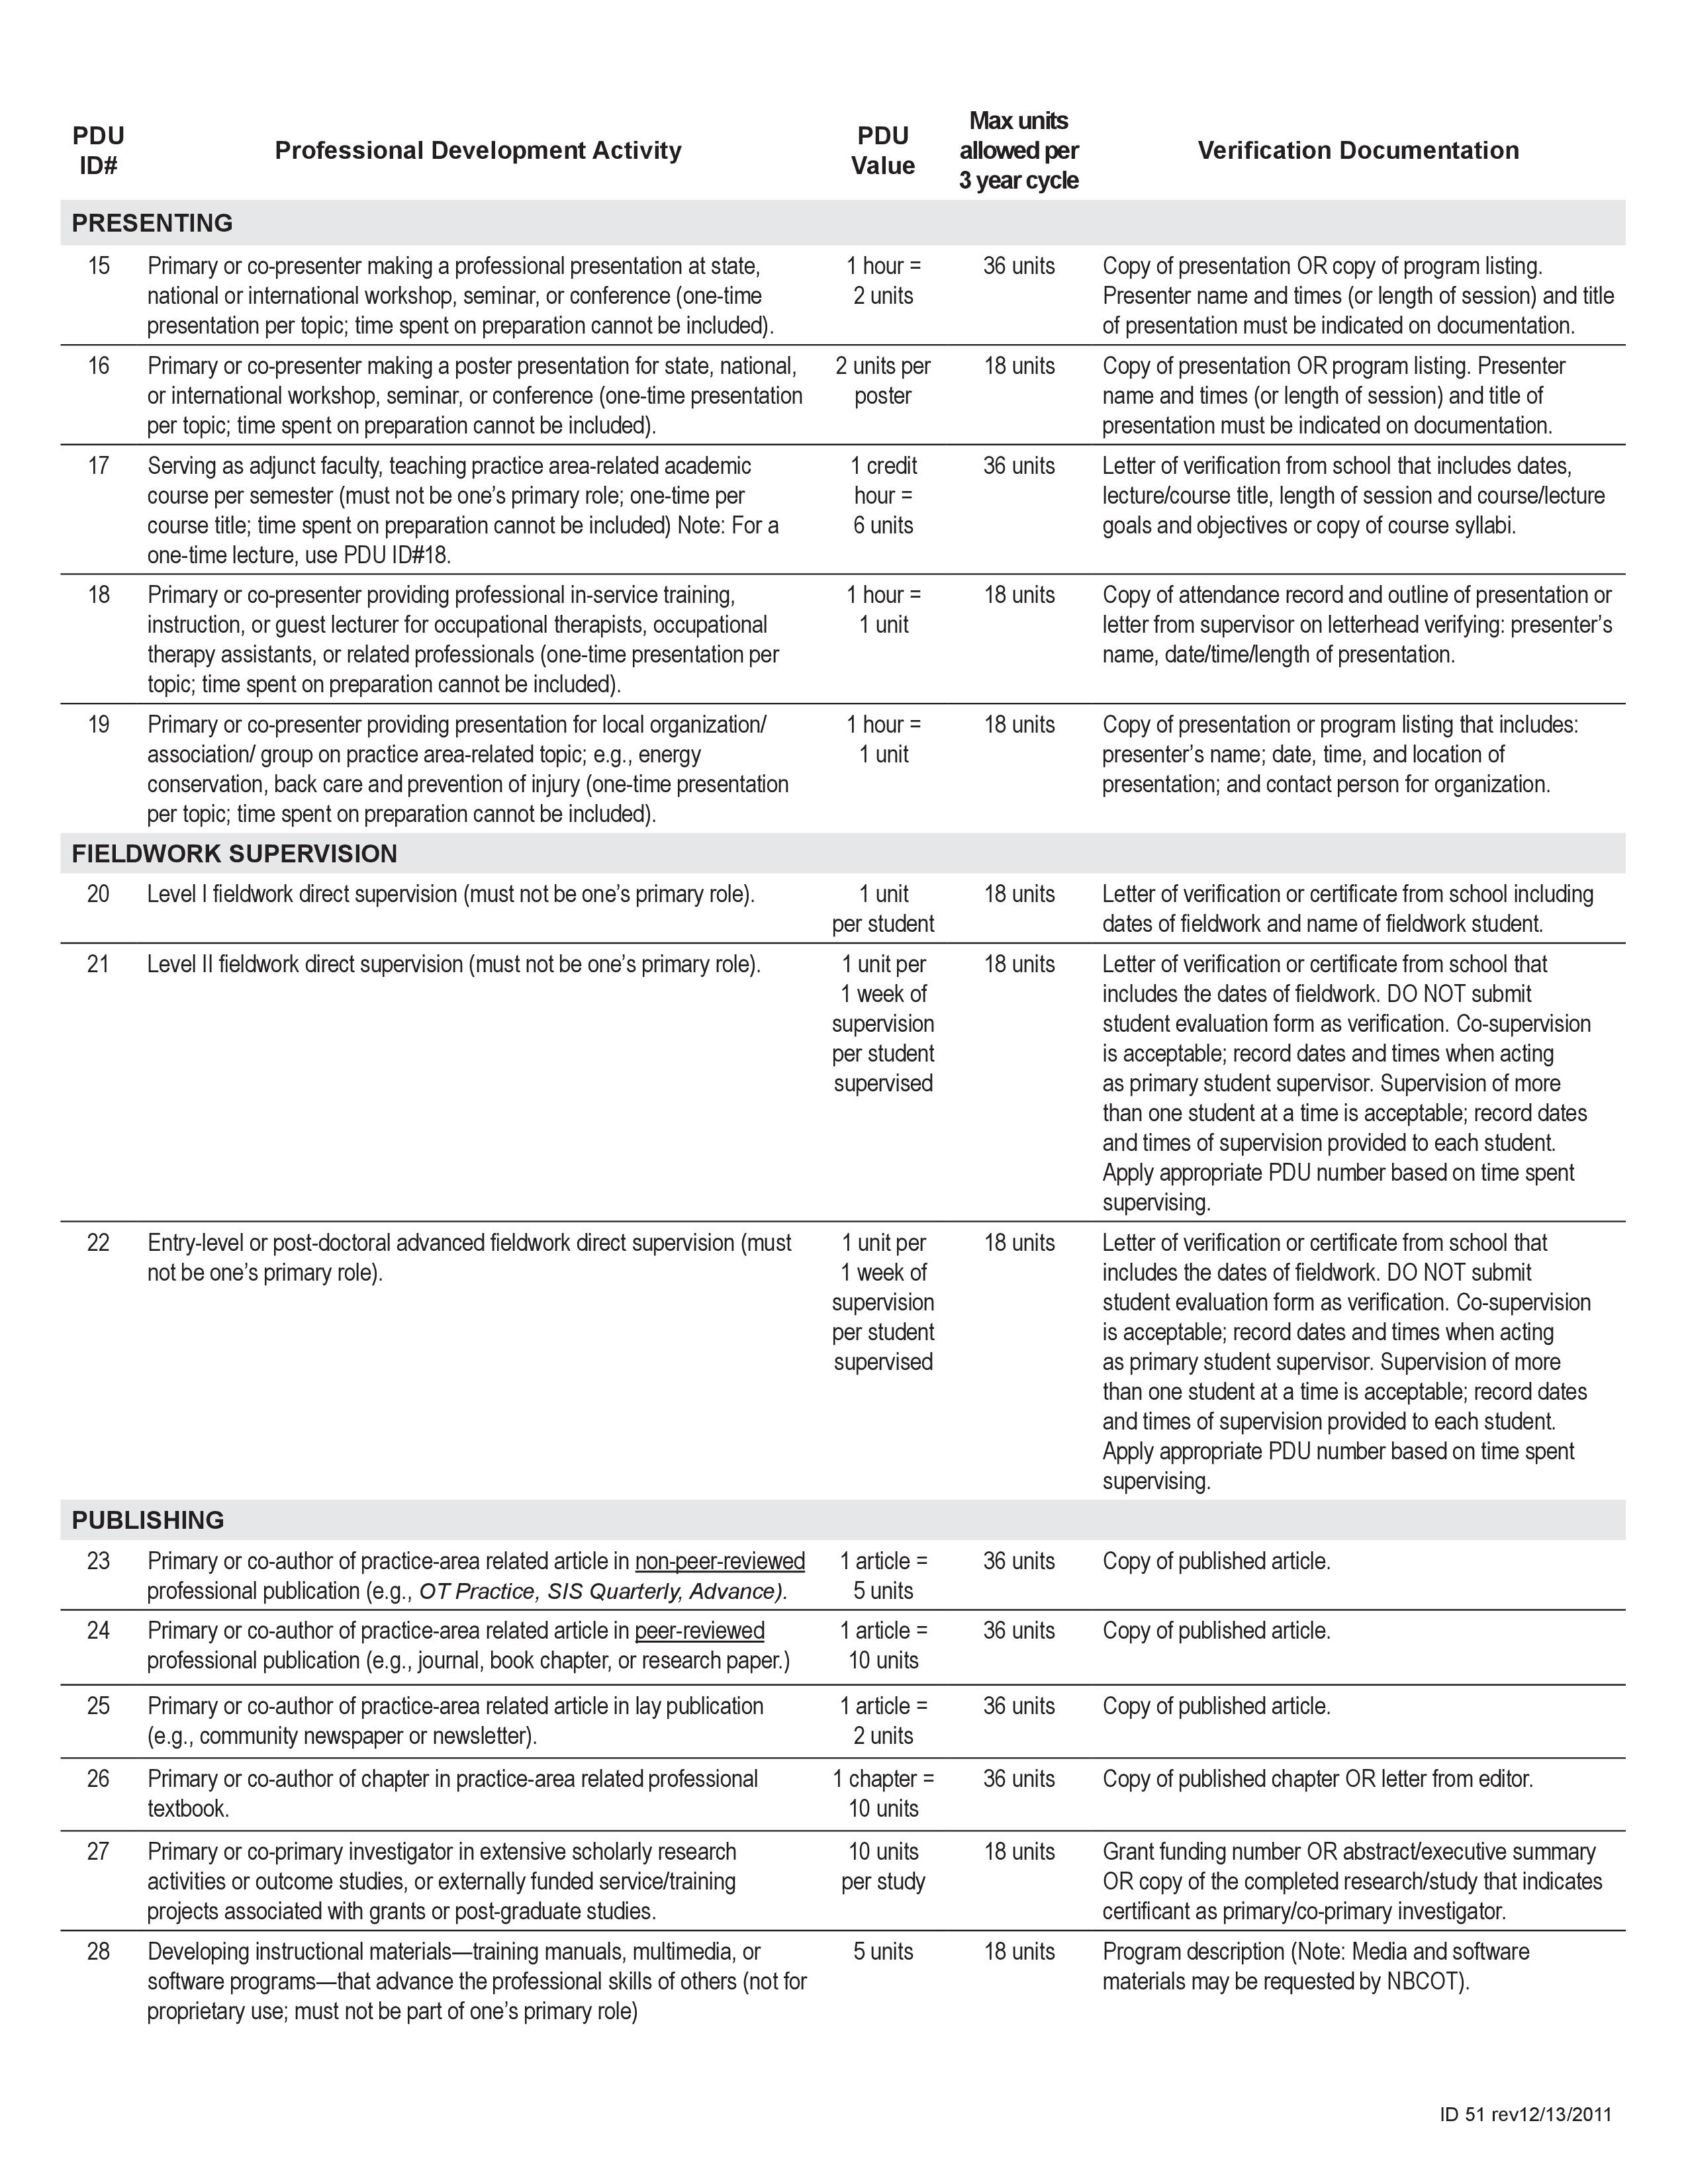 Nbcot Pdu Professional Development Units Ceu S 2 Alh 2940